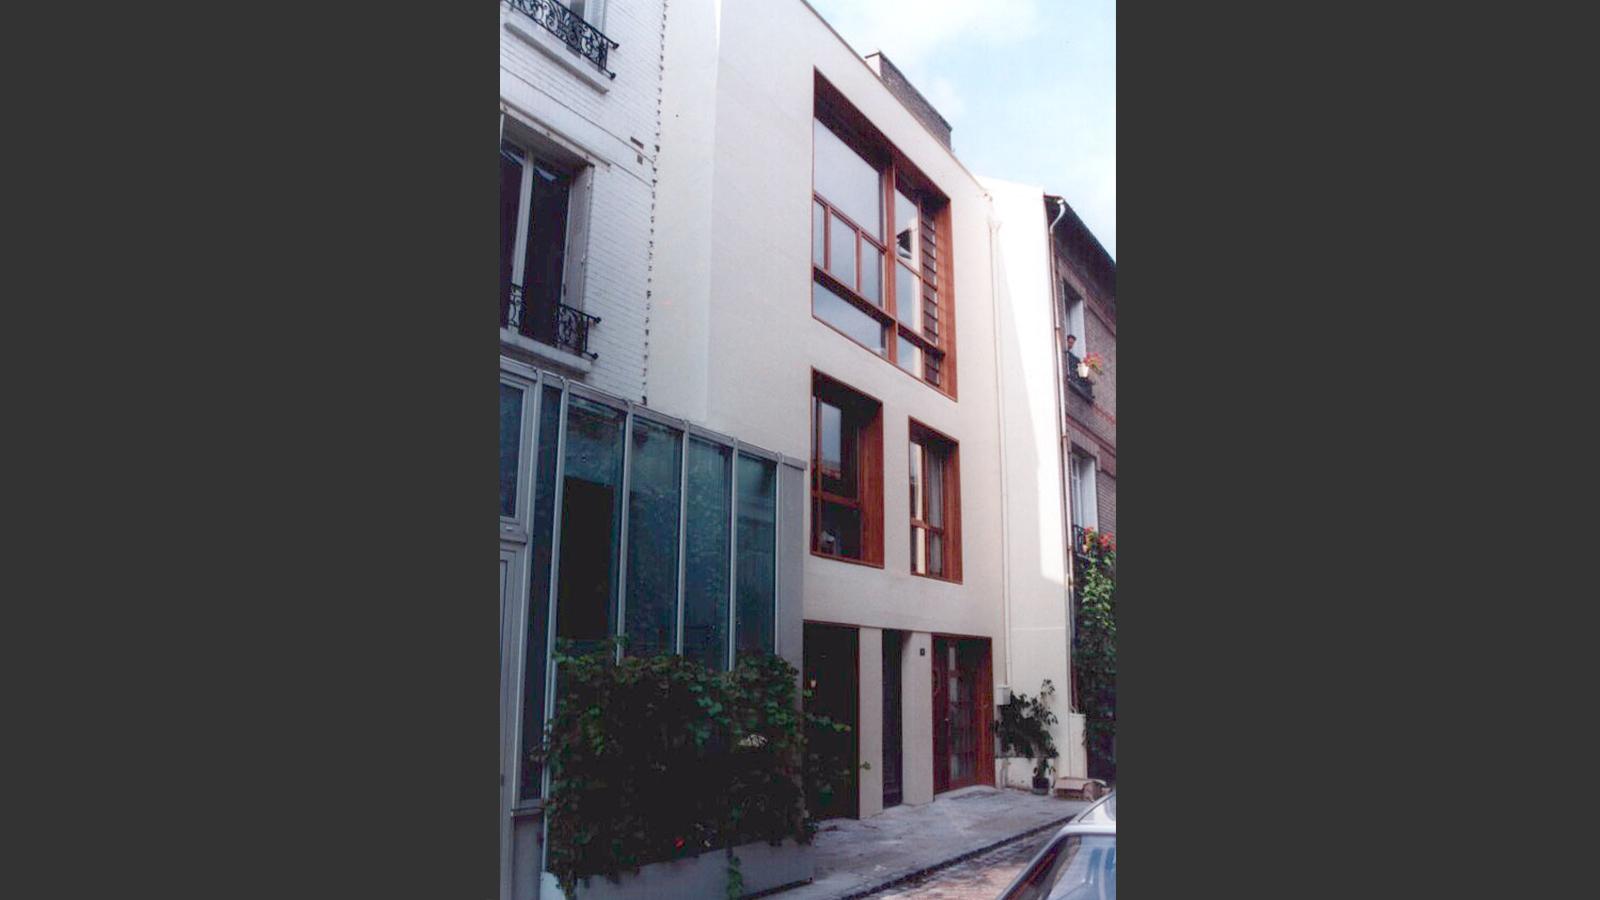 Maison de ville Paris 15 France. Atelier Messaoudi architecture aménagement et design. Bureau d'étude Algérie.